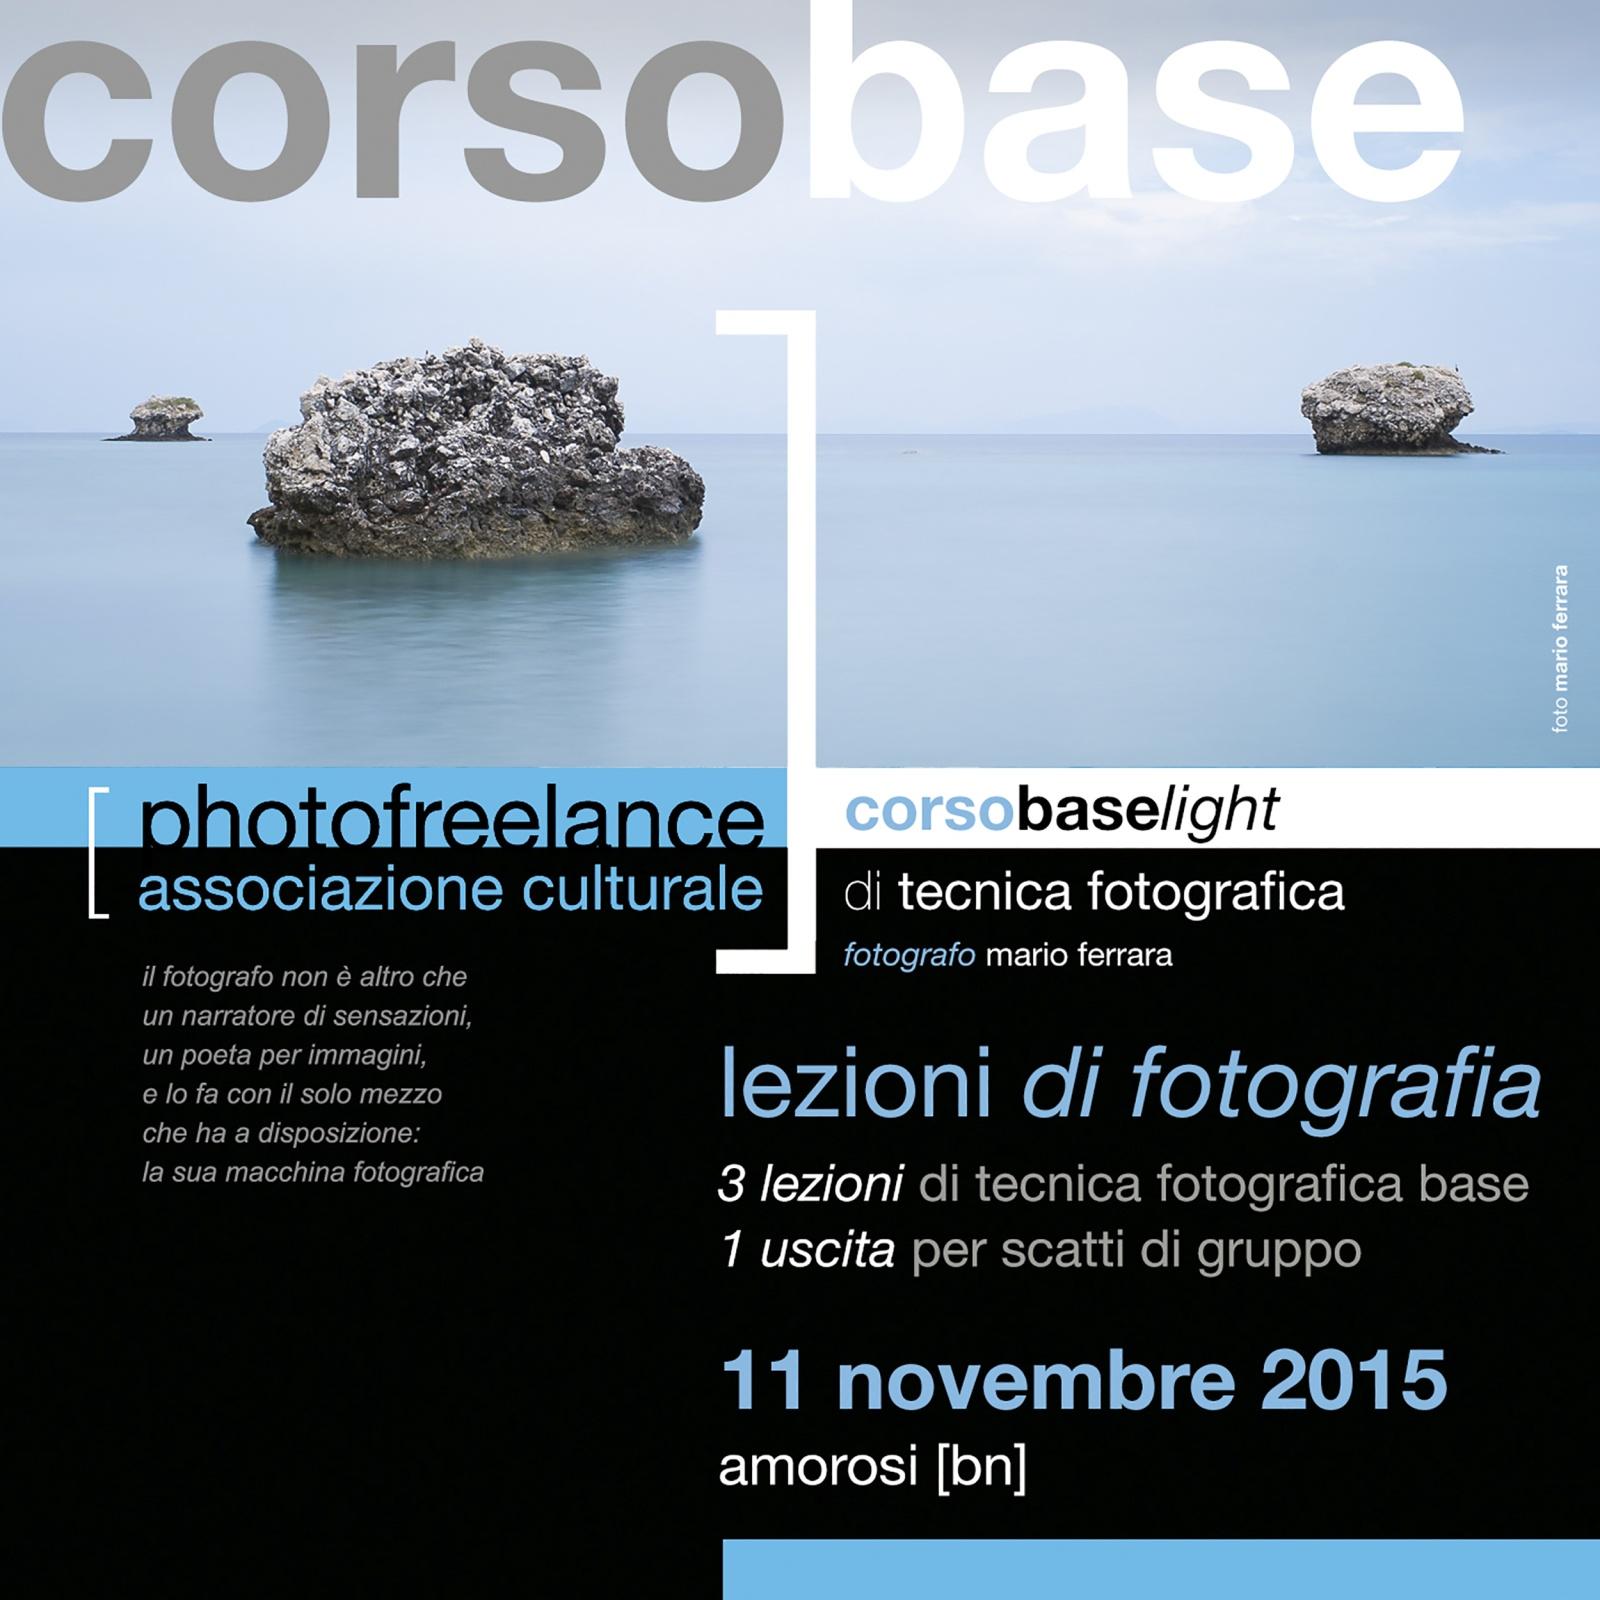 lezioni di fotografia light 2015